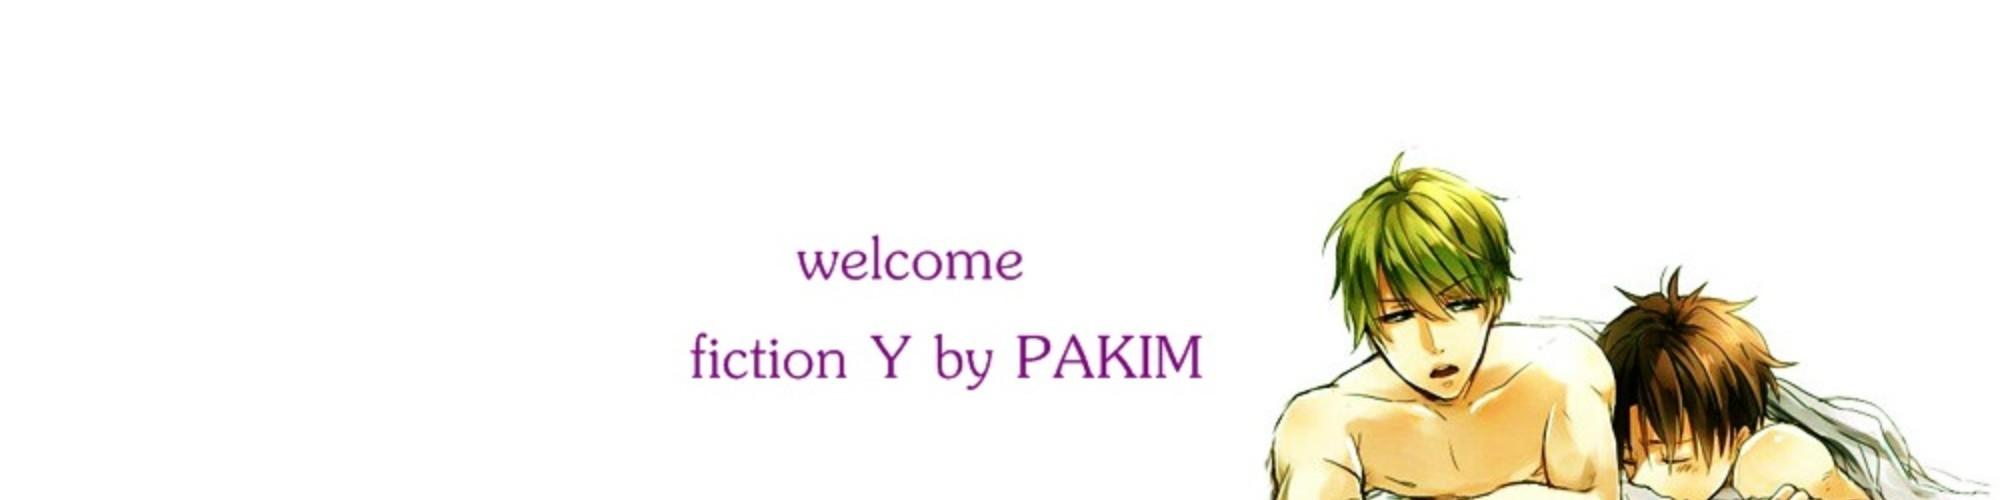 PAKIM-cover